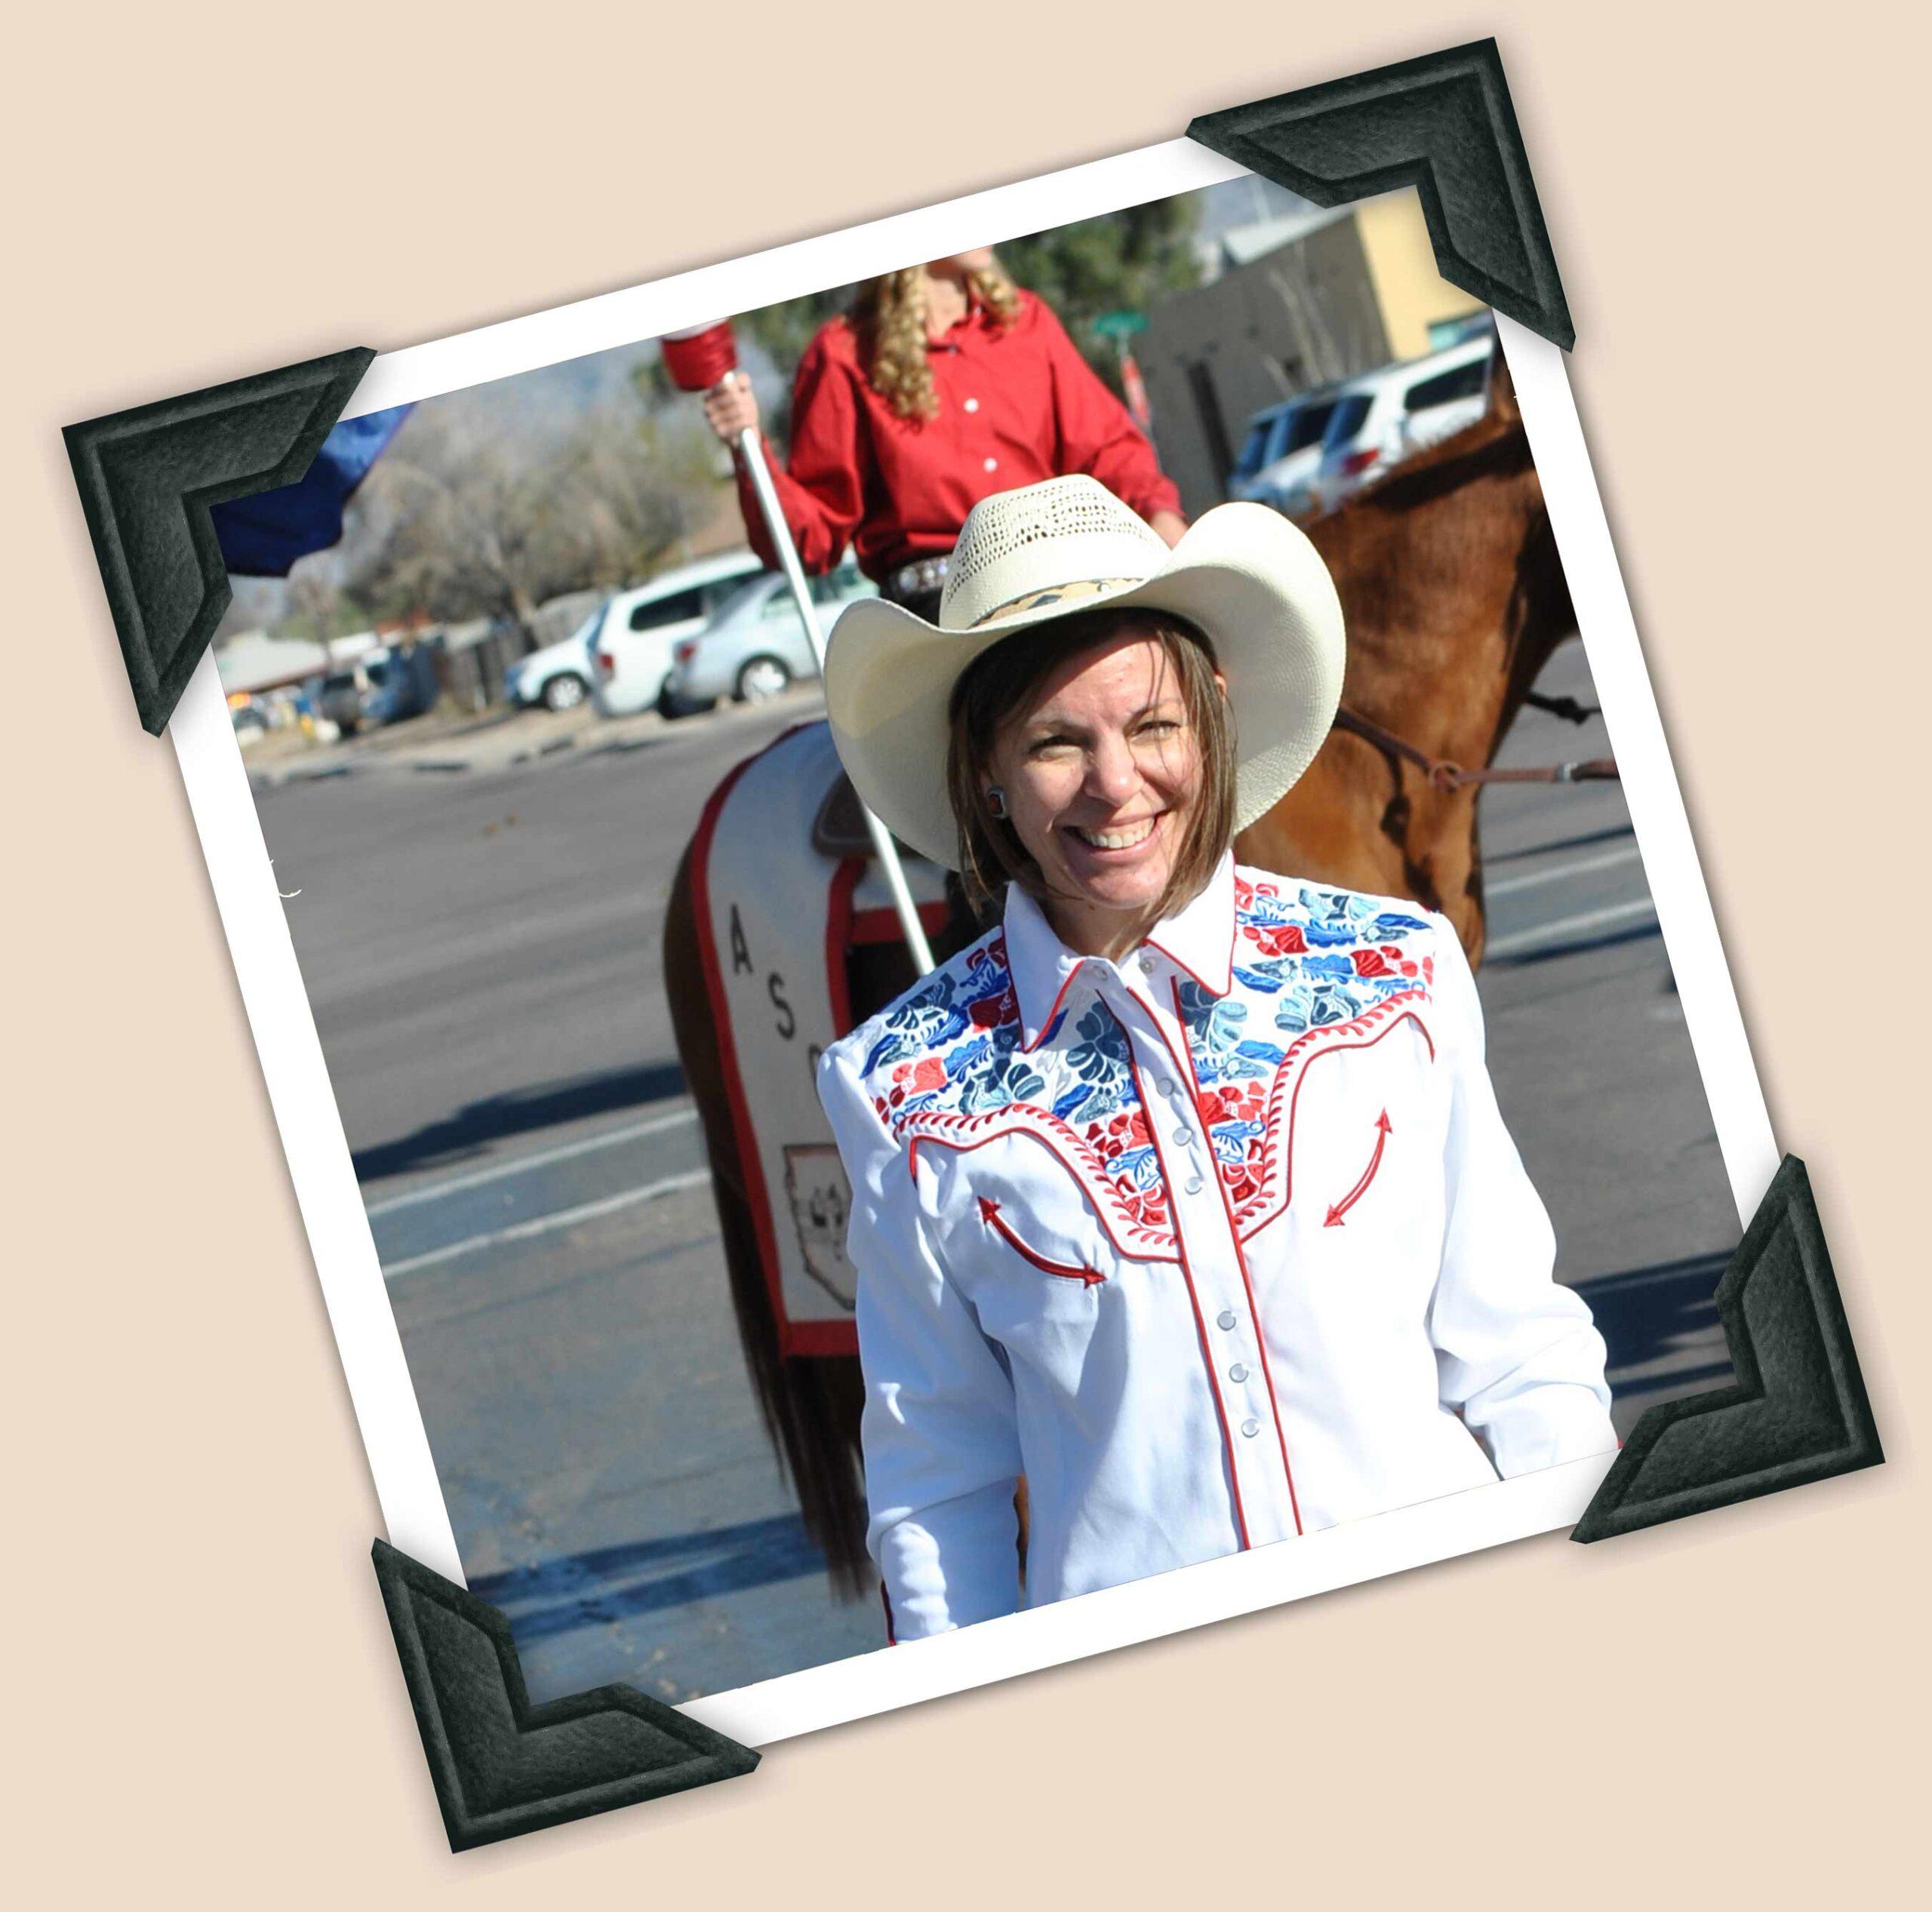 Lara Serbin, Buckeye Main Street Coalition Board Member